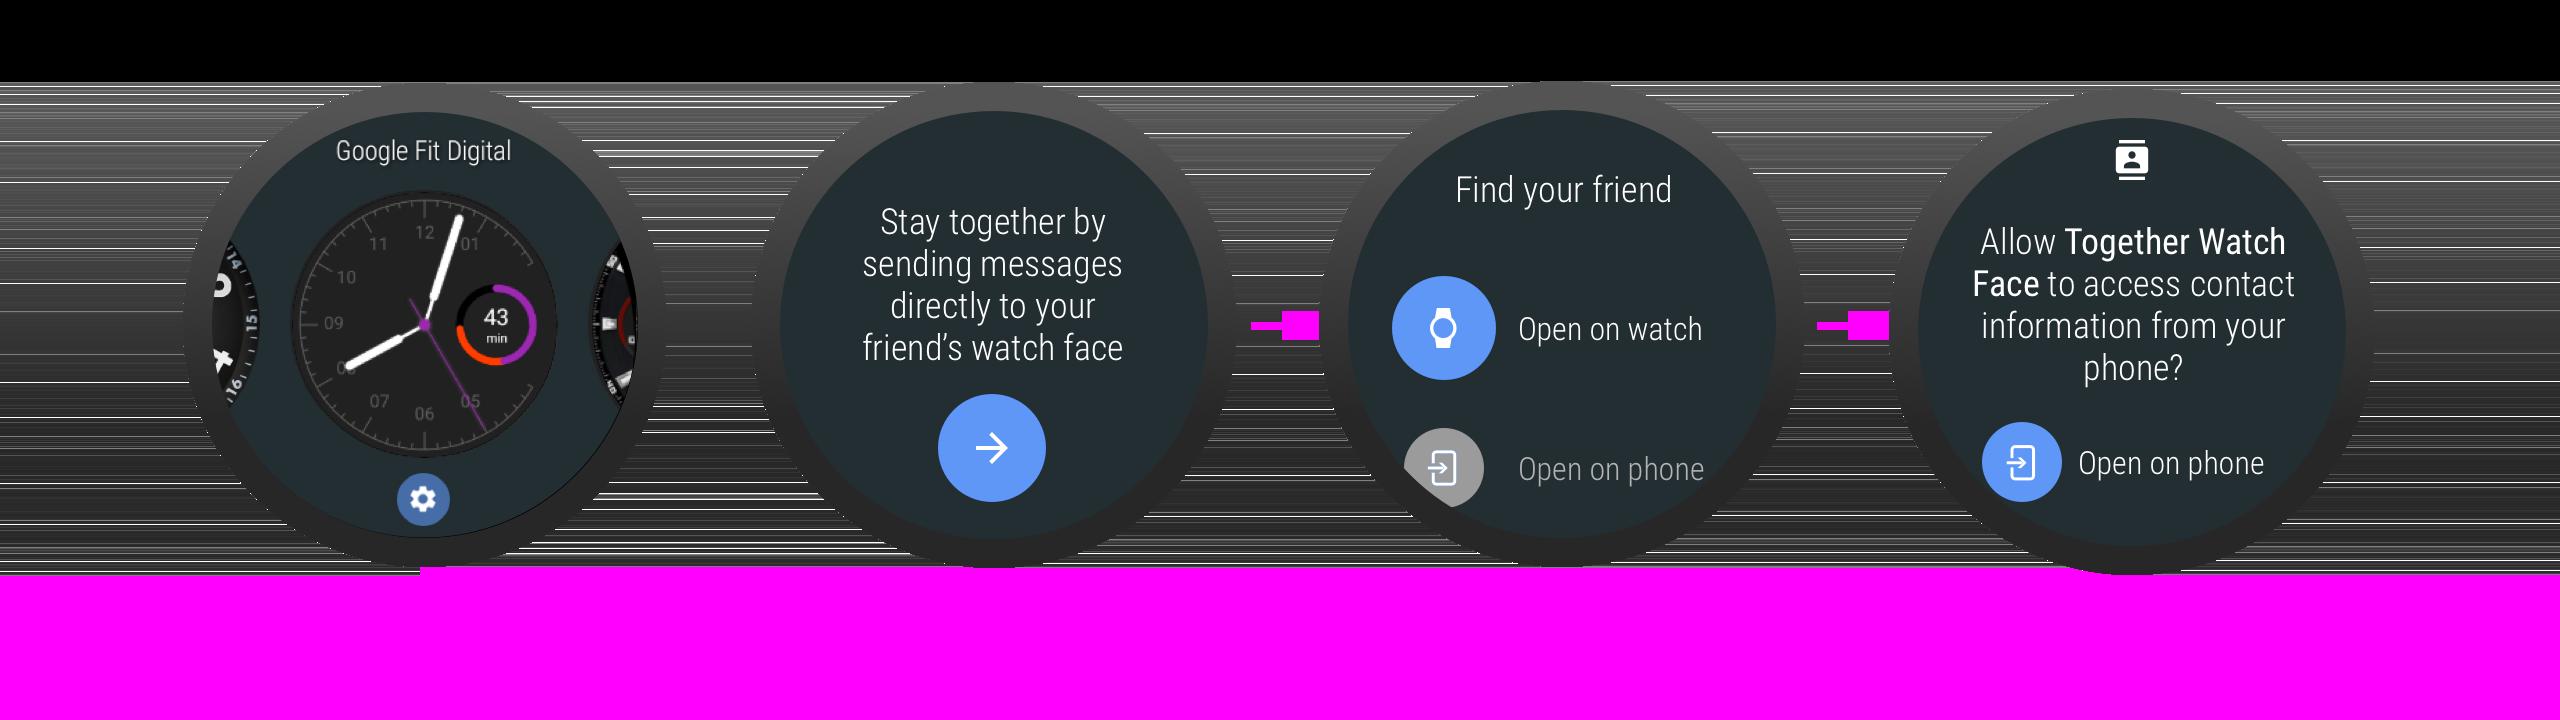 在启动时请求权限时,应用可以说明它为何需要该权限。